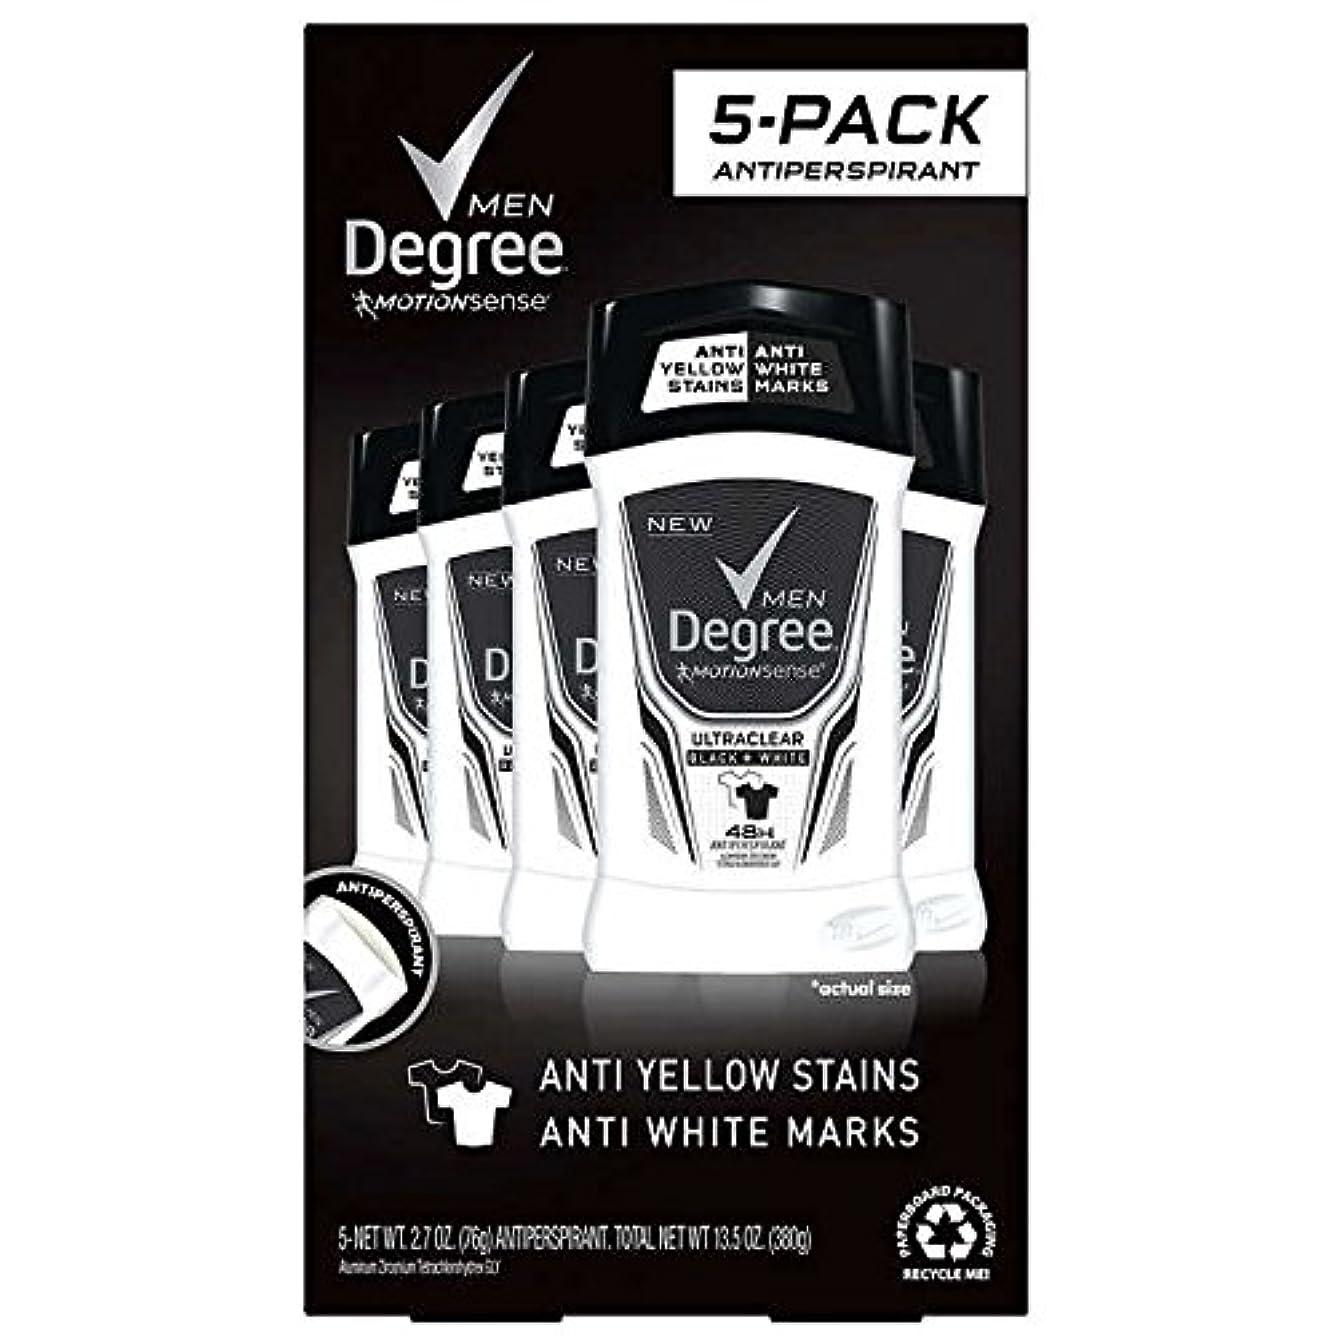 哲学的める半球Degree Men Ultra Clear Black + White Solid Deodorant 2.7oz (76g), 5-pack [並行輸入品]